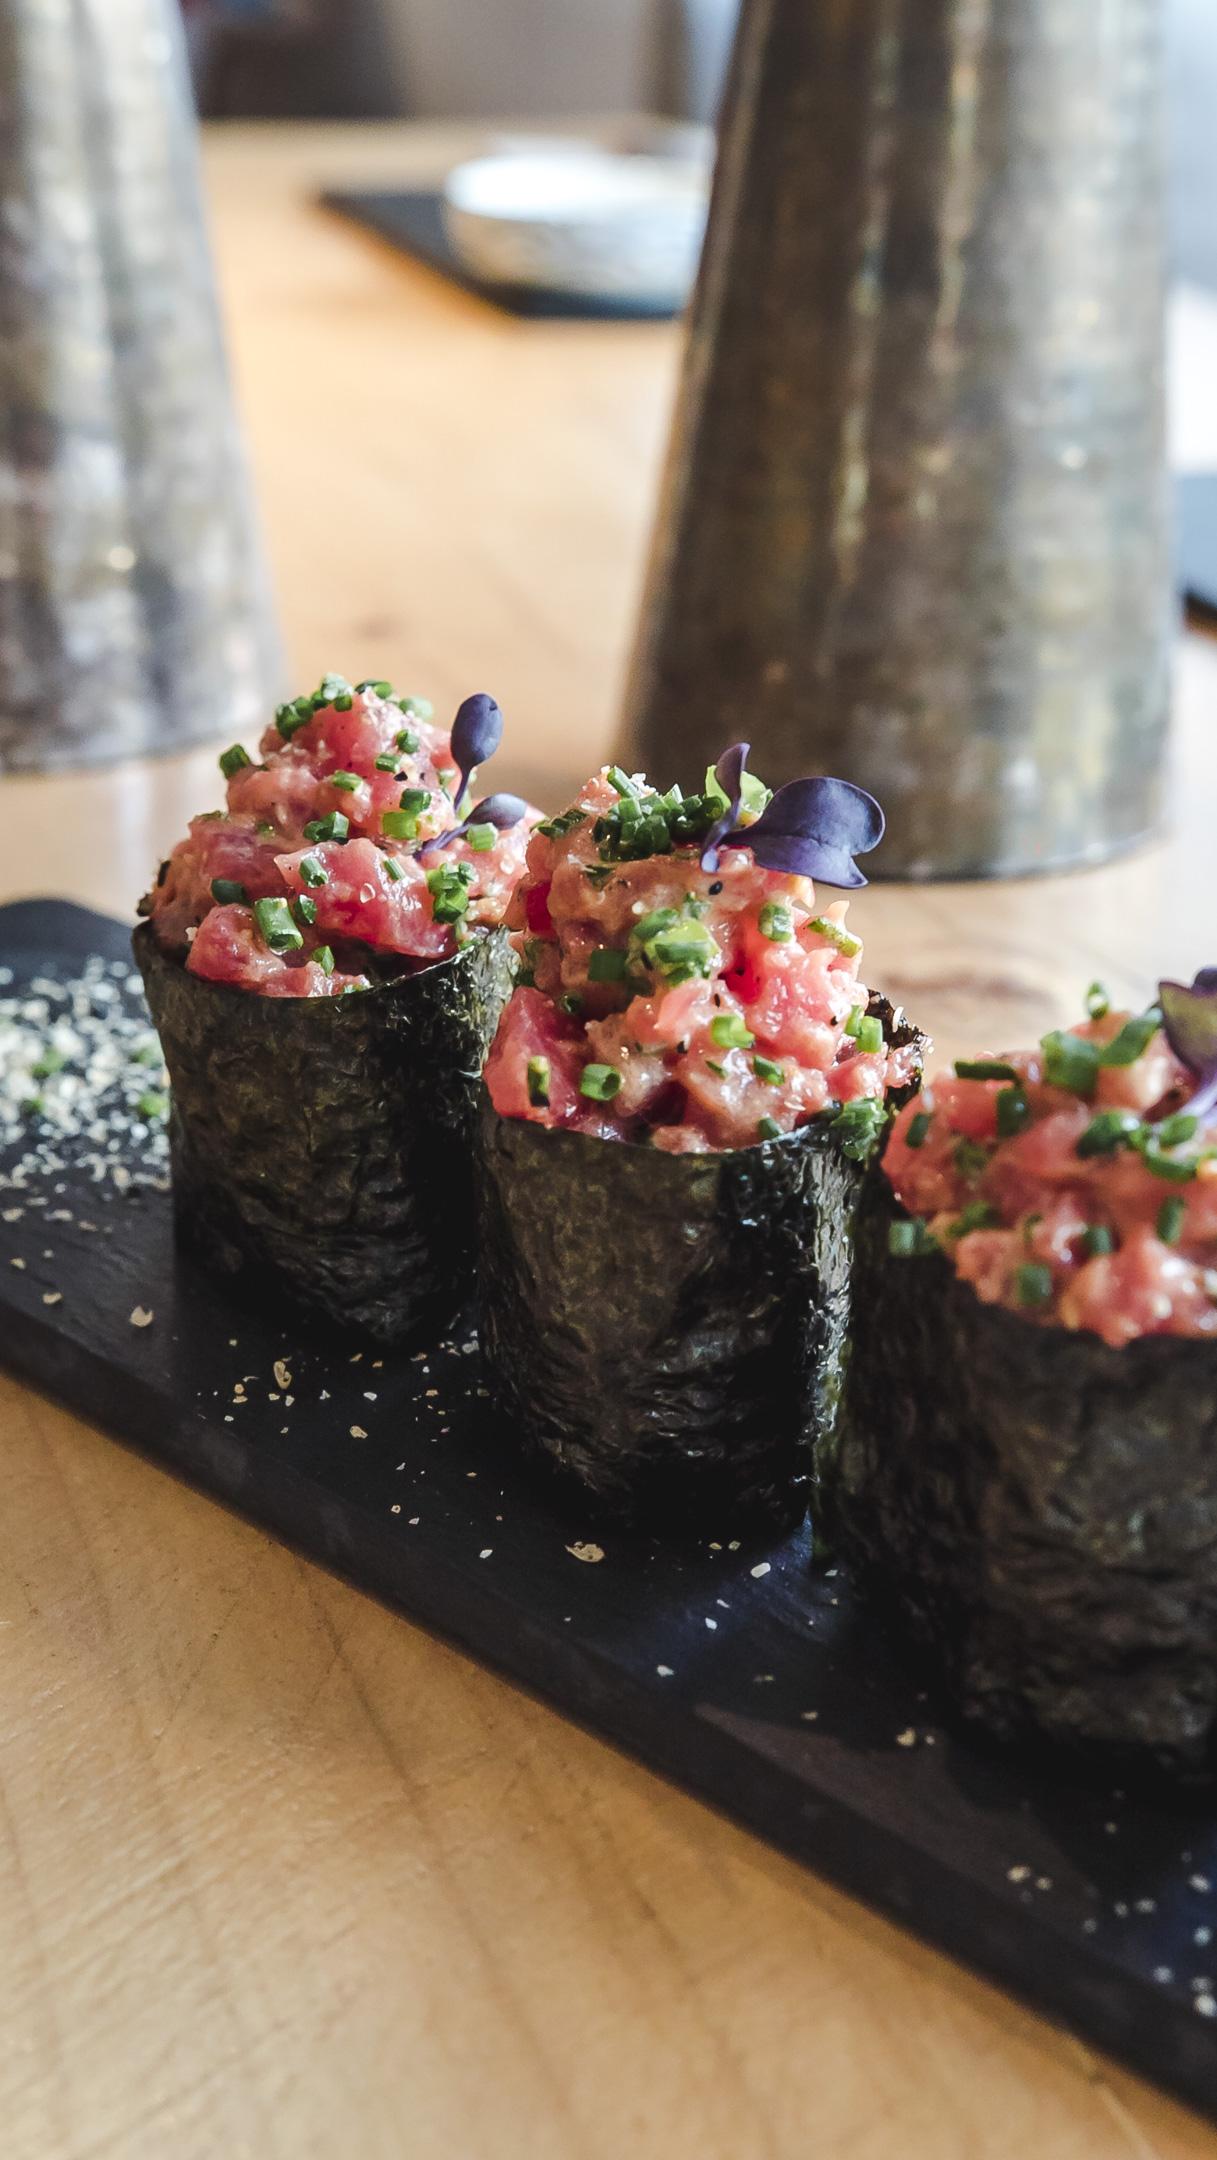 alga-nori-art-and-sushi